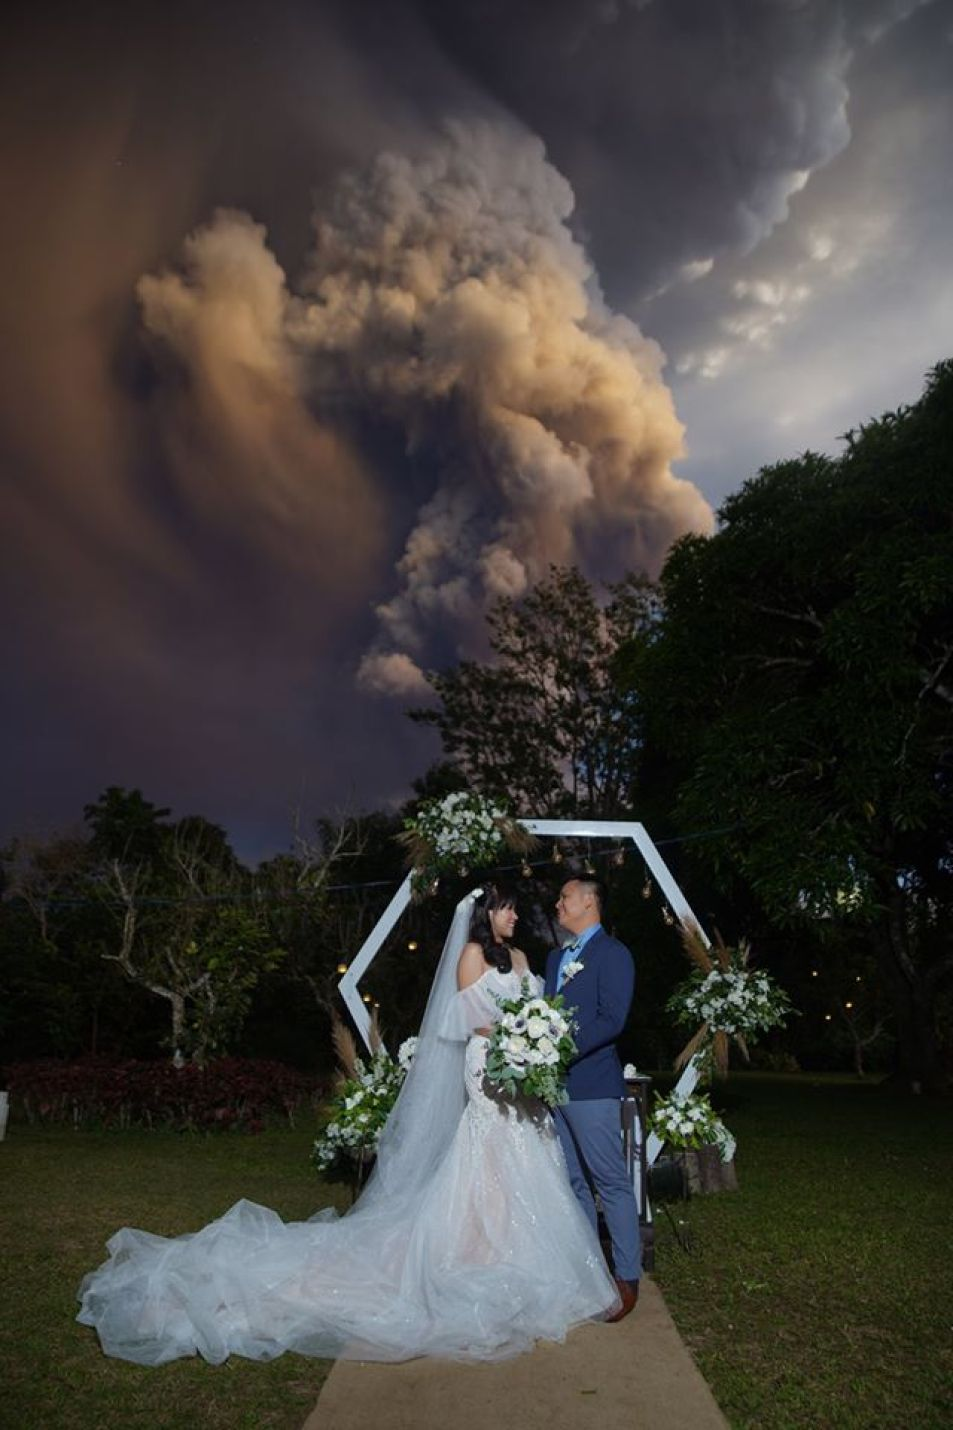 Gdy brali ślub, wybuchł wulkan! Zdjęcia z uroczystości są jednocześnie oszałamiające i przerażające